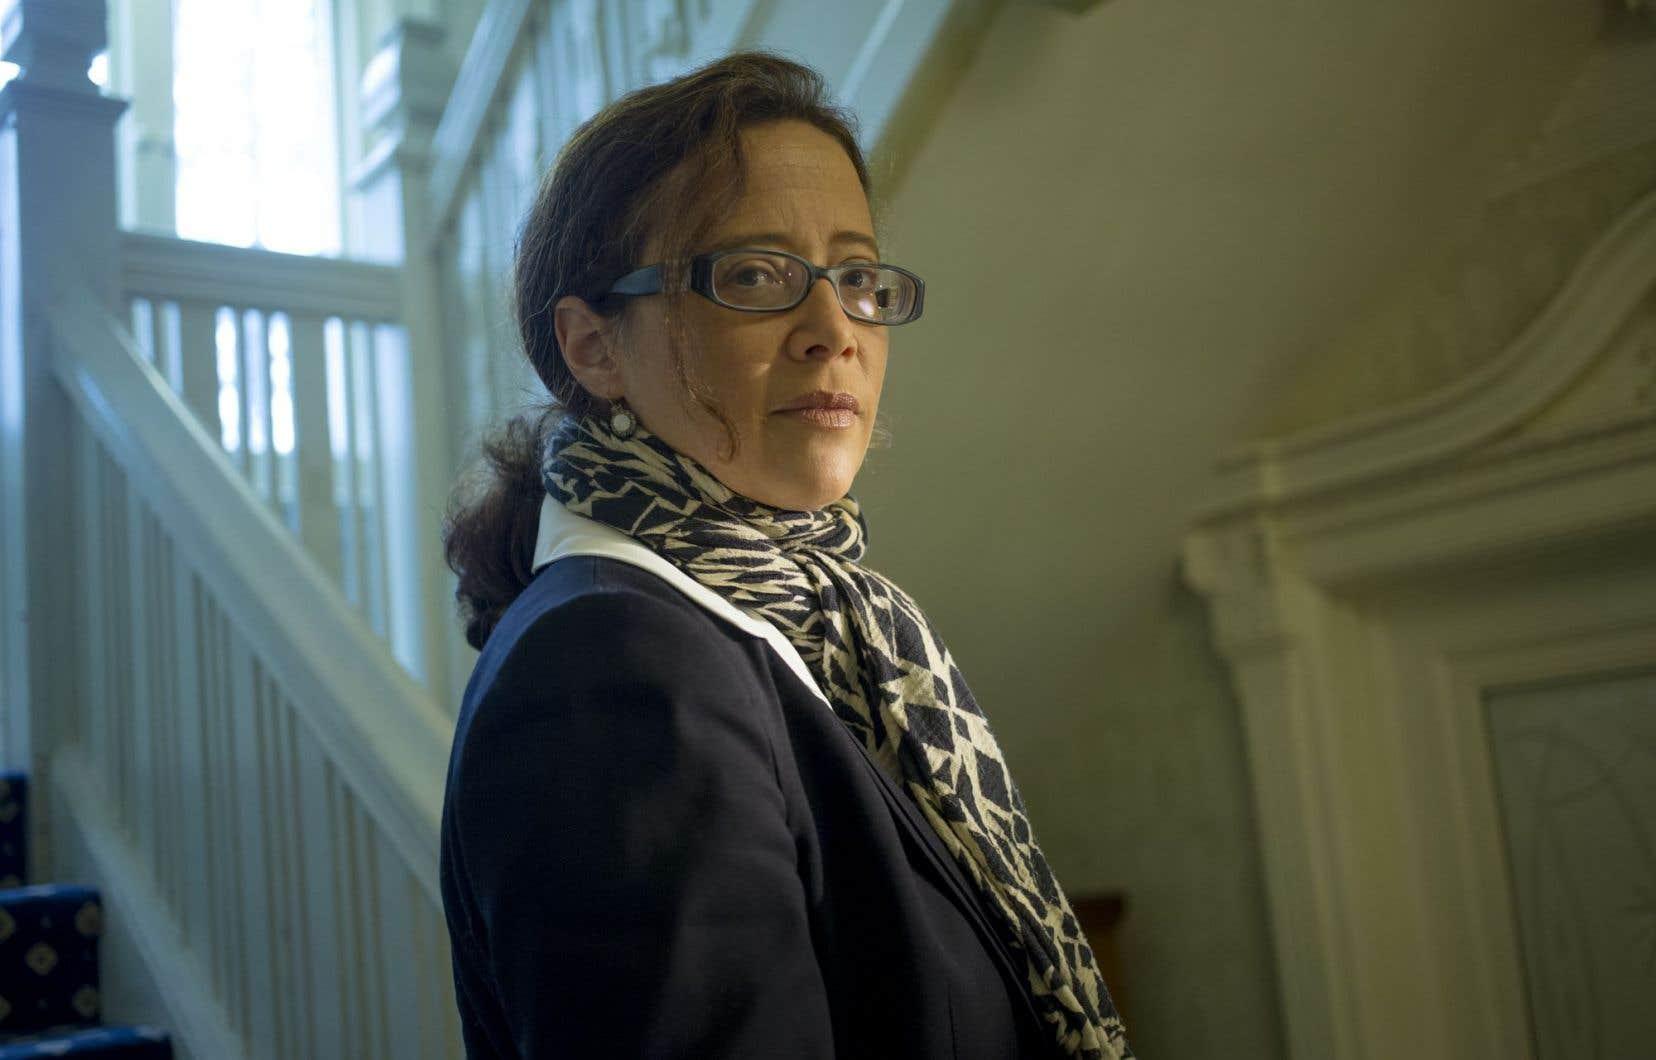 La philosophe française Céline Spector était de passage à Montréal pour participer aux événements soulignant le cinquantenaire du Département de philosophie de l'Université de Montréal.